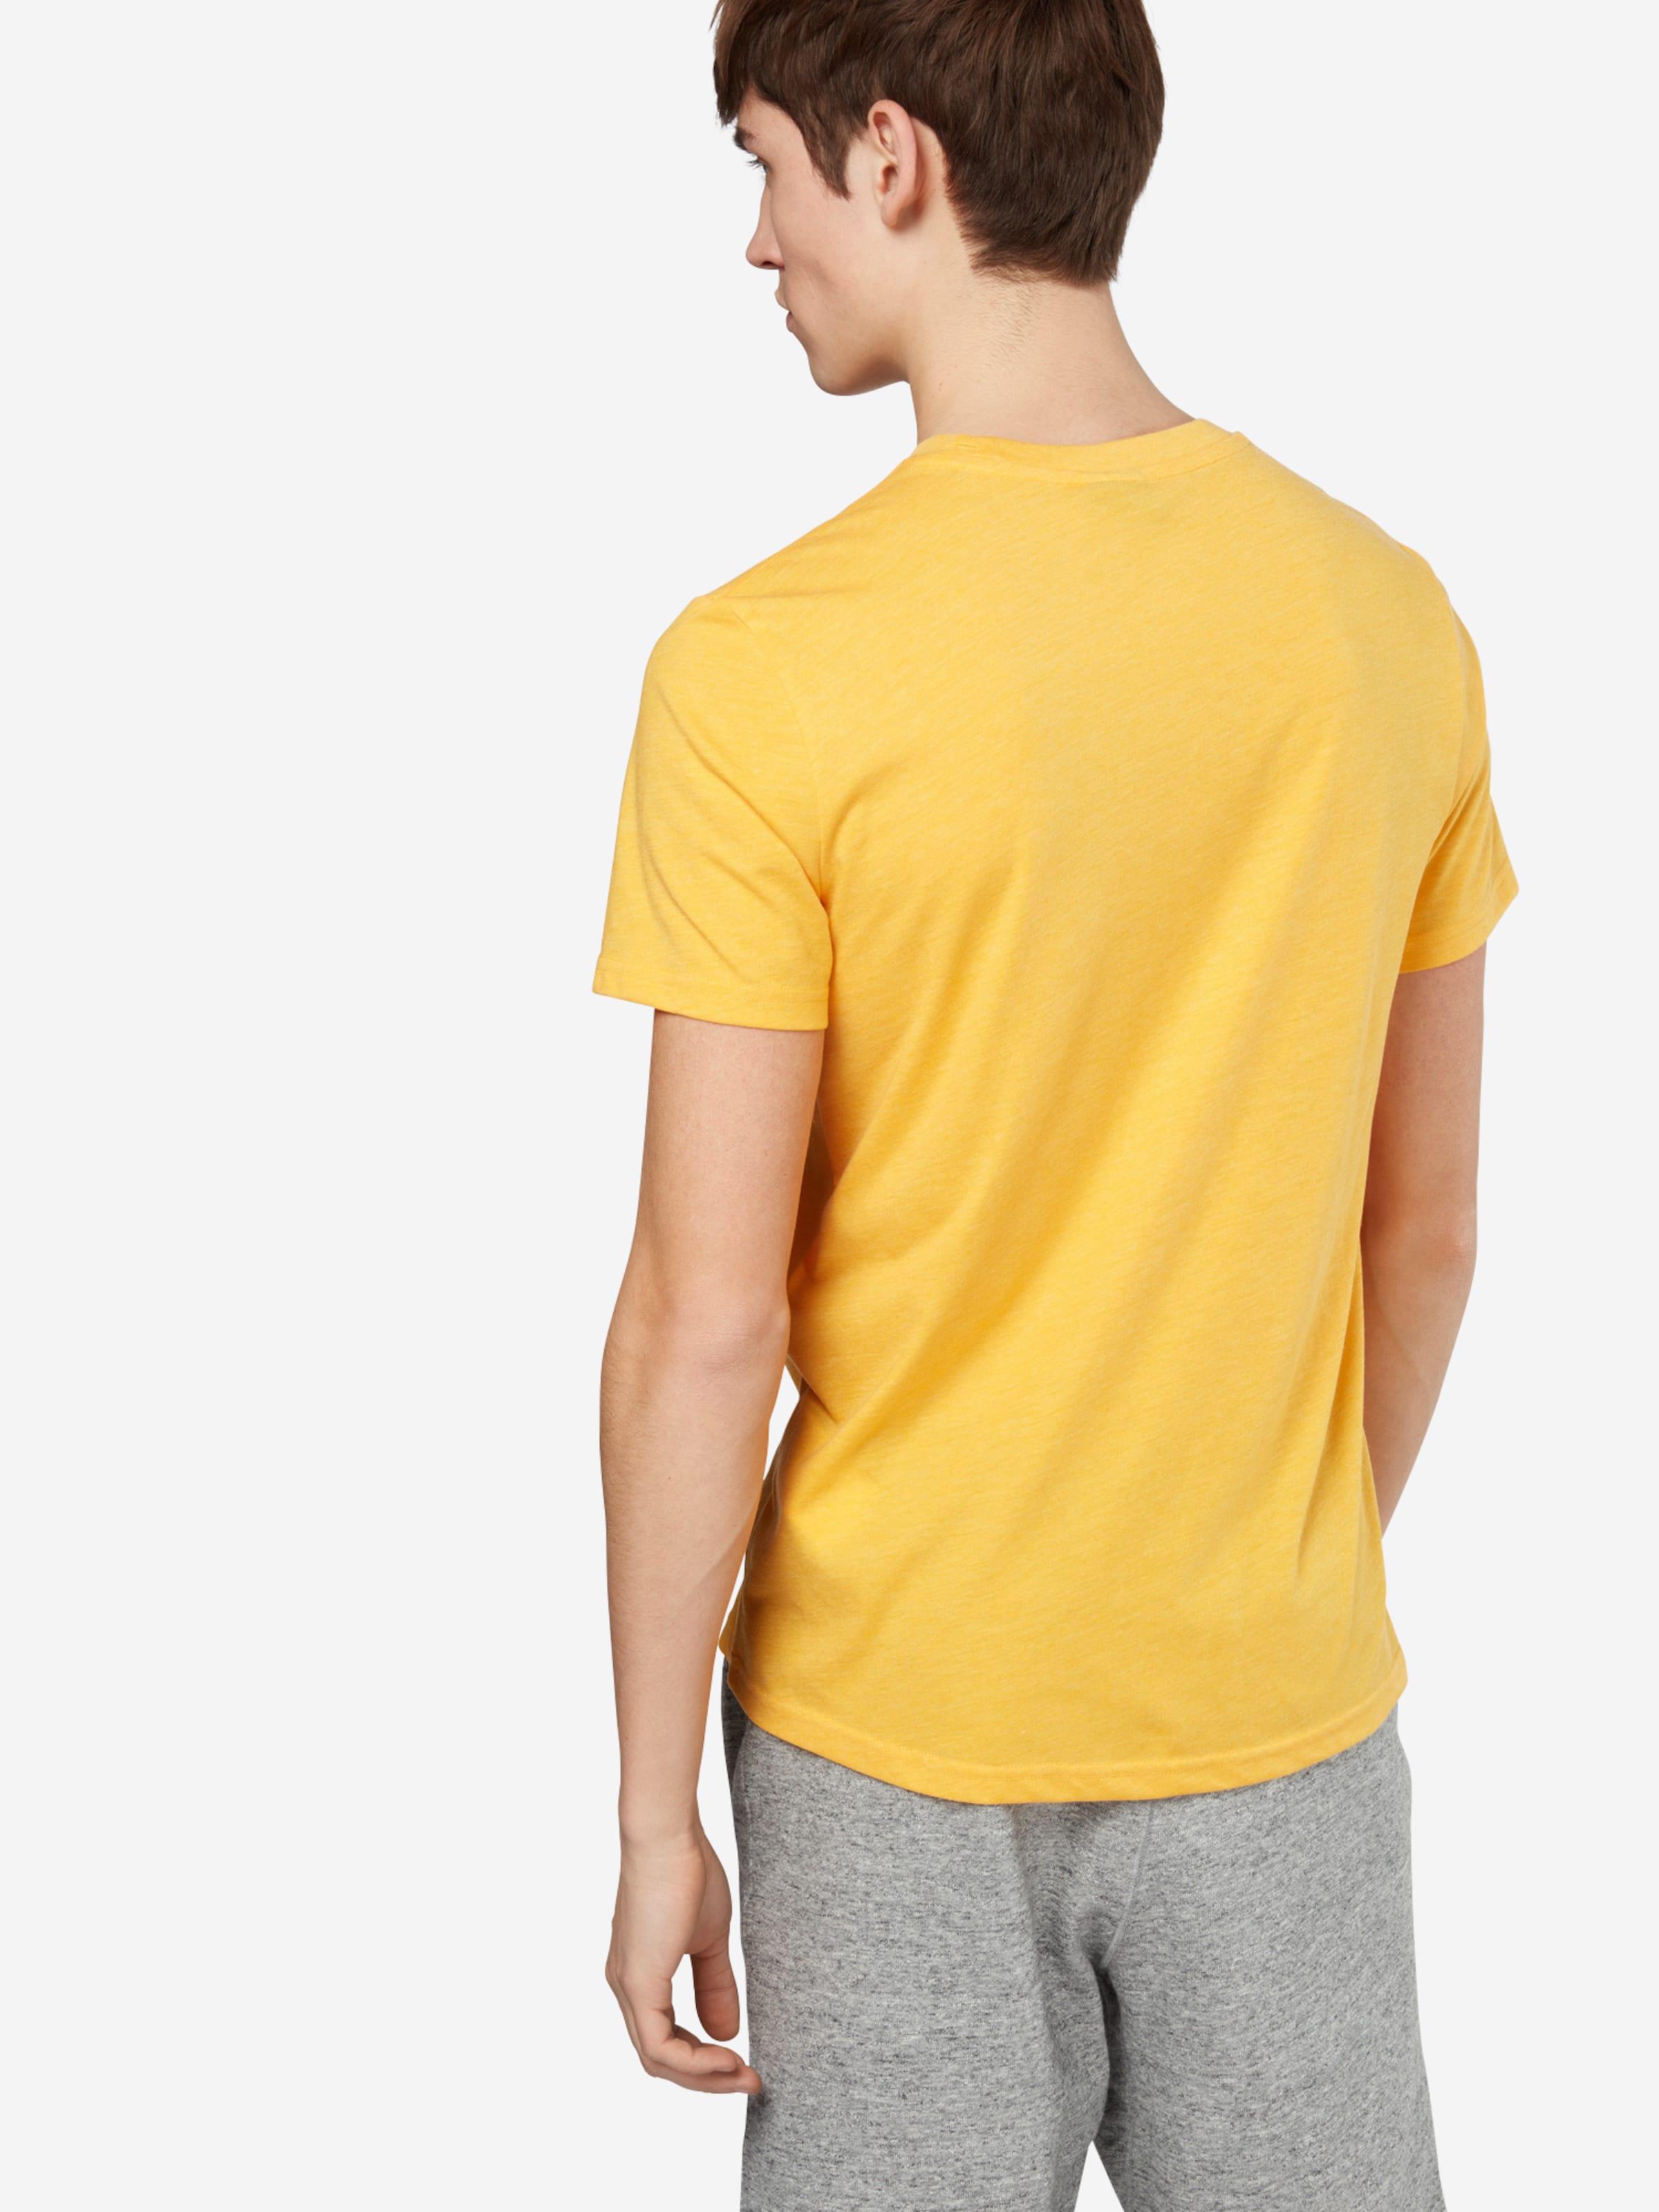 Verkauf Großer Diskont Champion Authentic Athletic Apparel T-Shirt mit Front-Print Kühl Einkaufen Günstig Kaufen Großen Verkauf yguamZAH